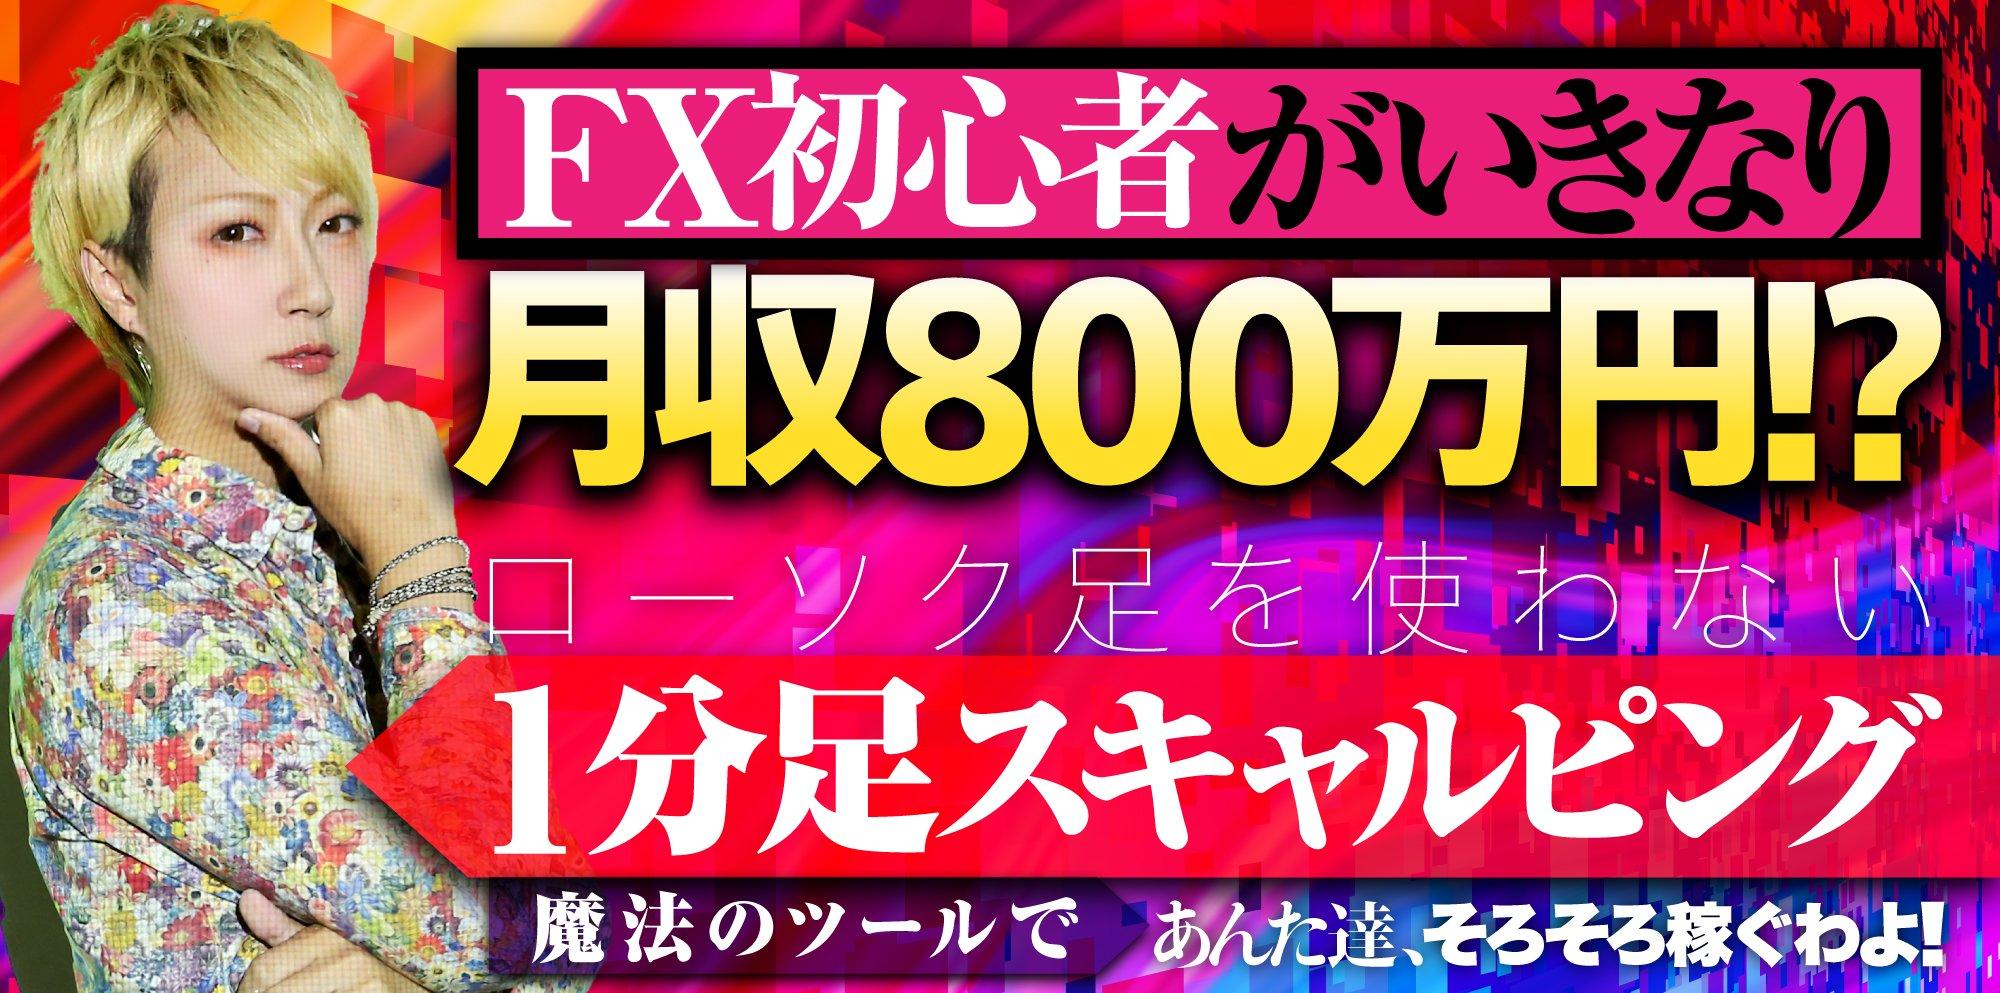 【新着レビュー有り】クロスリテイリング株式会社 ゲイスキャFX 松野有希、もってぃー